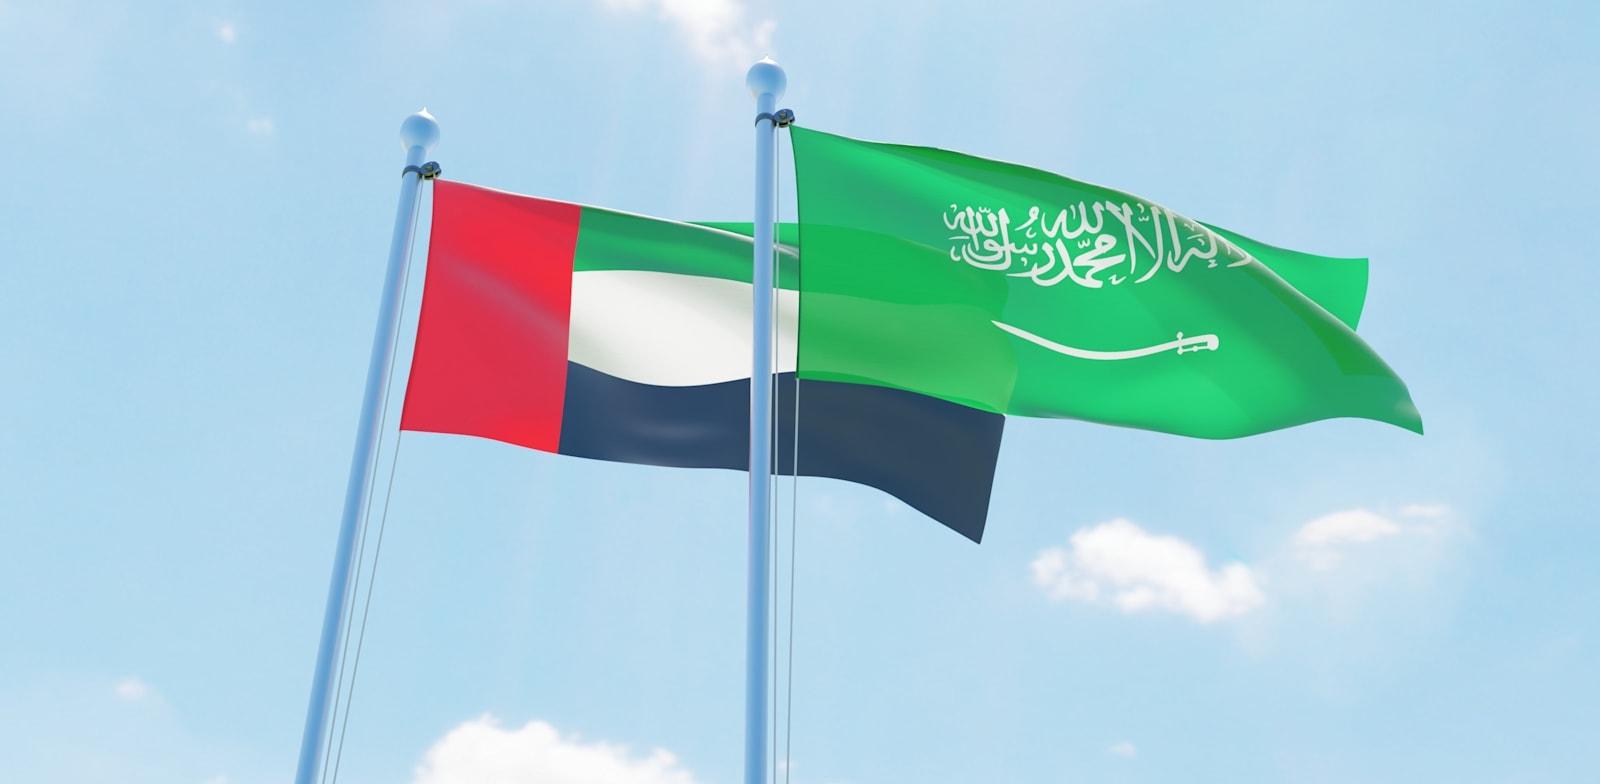 דגלי איחוד האמירויות וערב הסעודית / צילום: שאטרסטוק